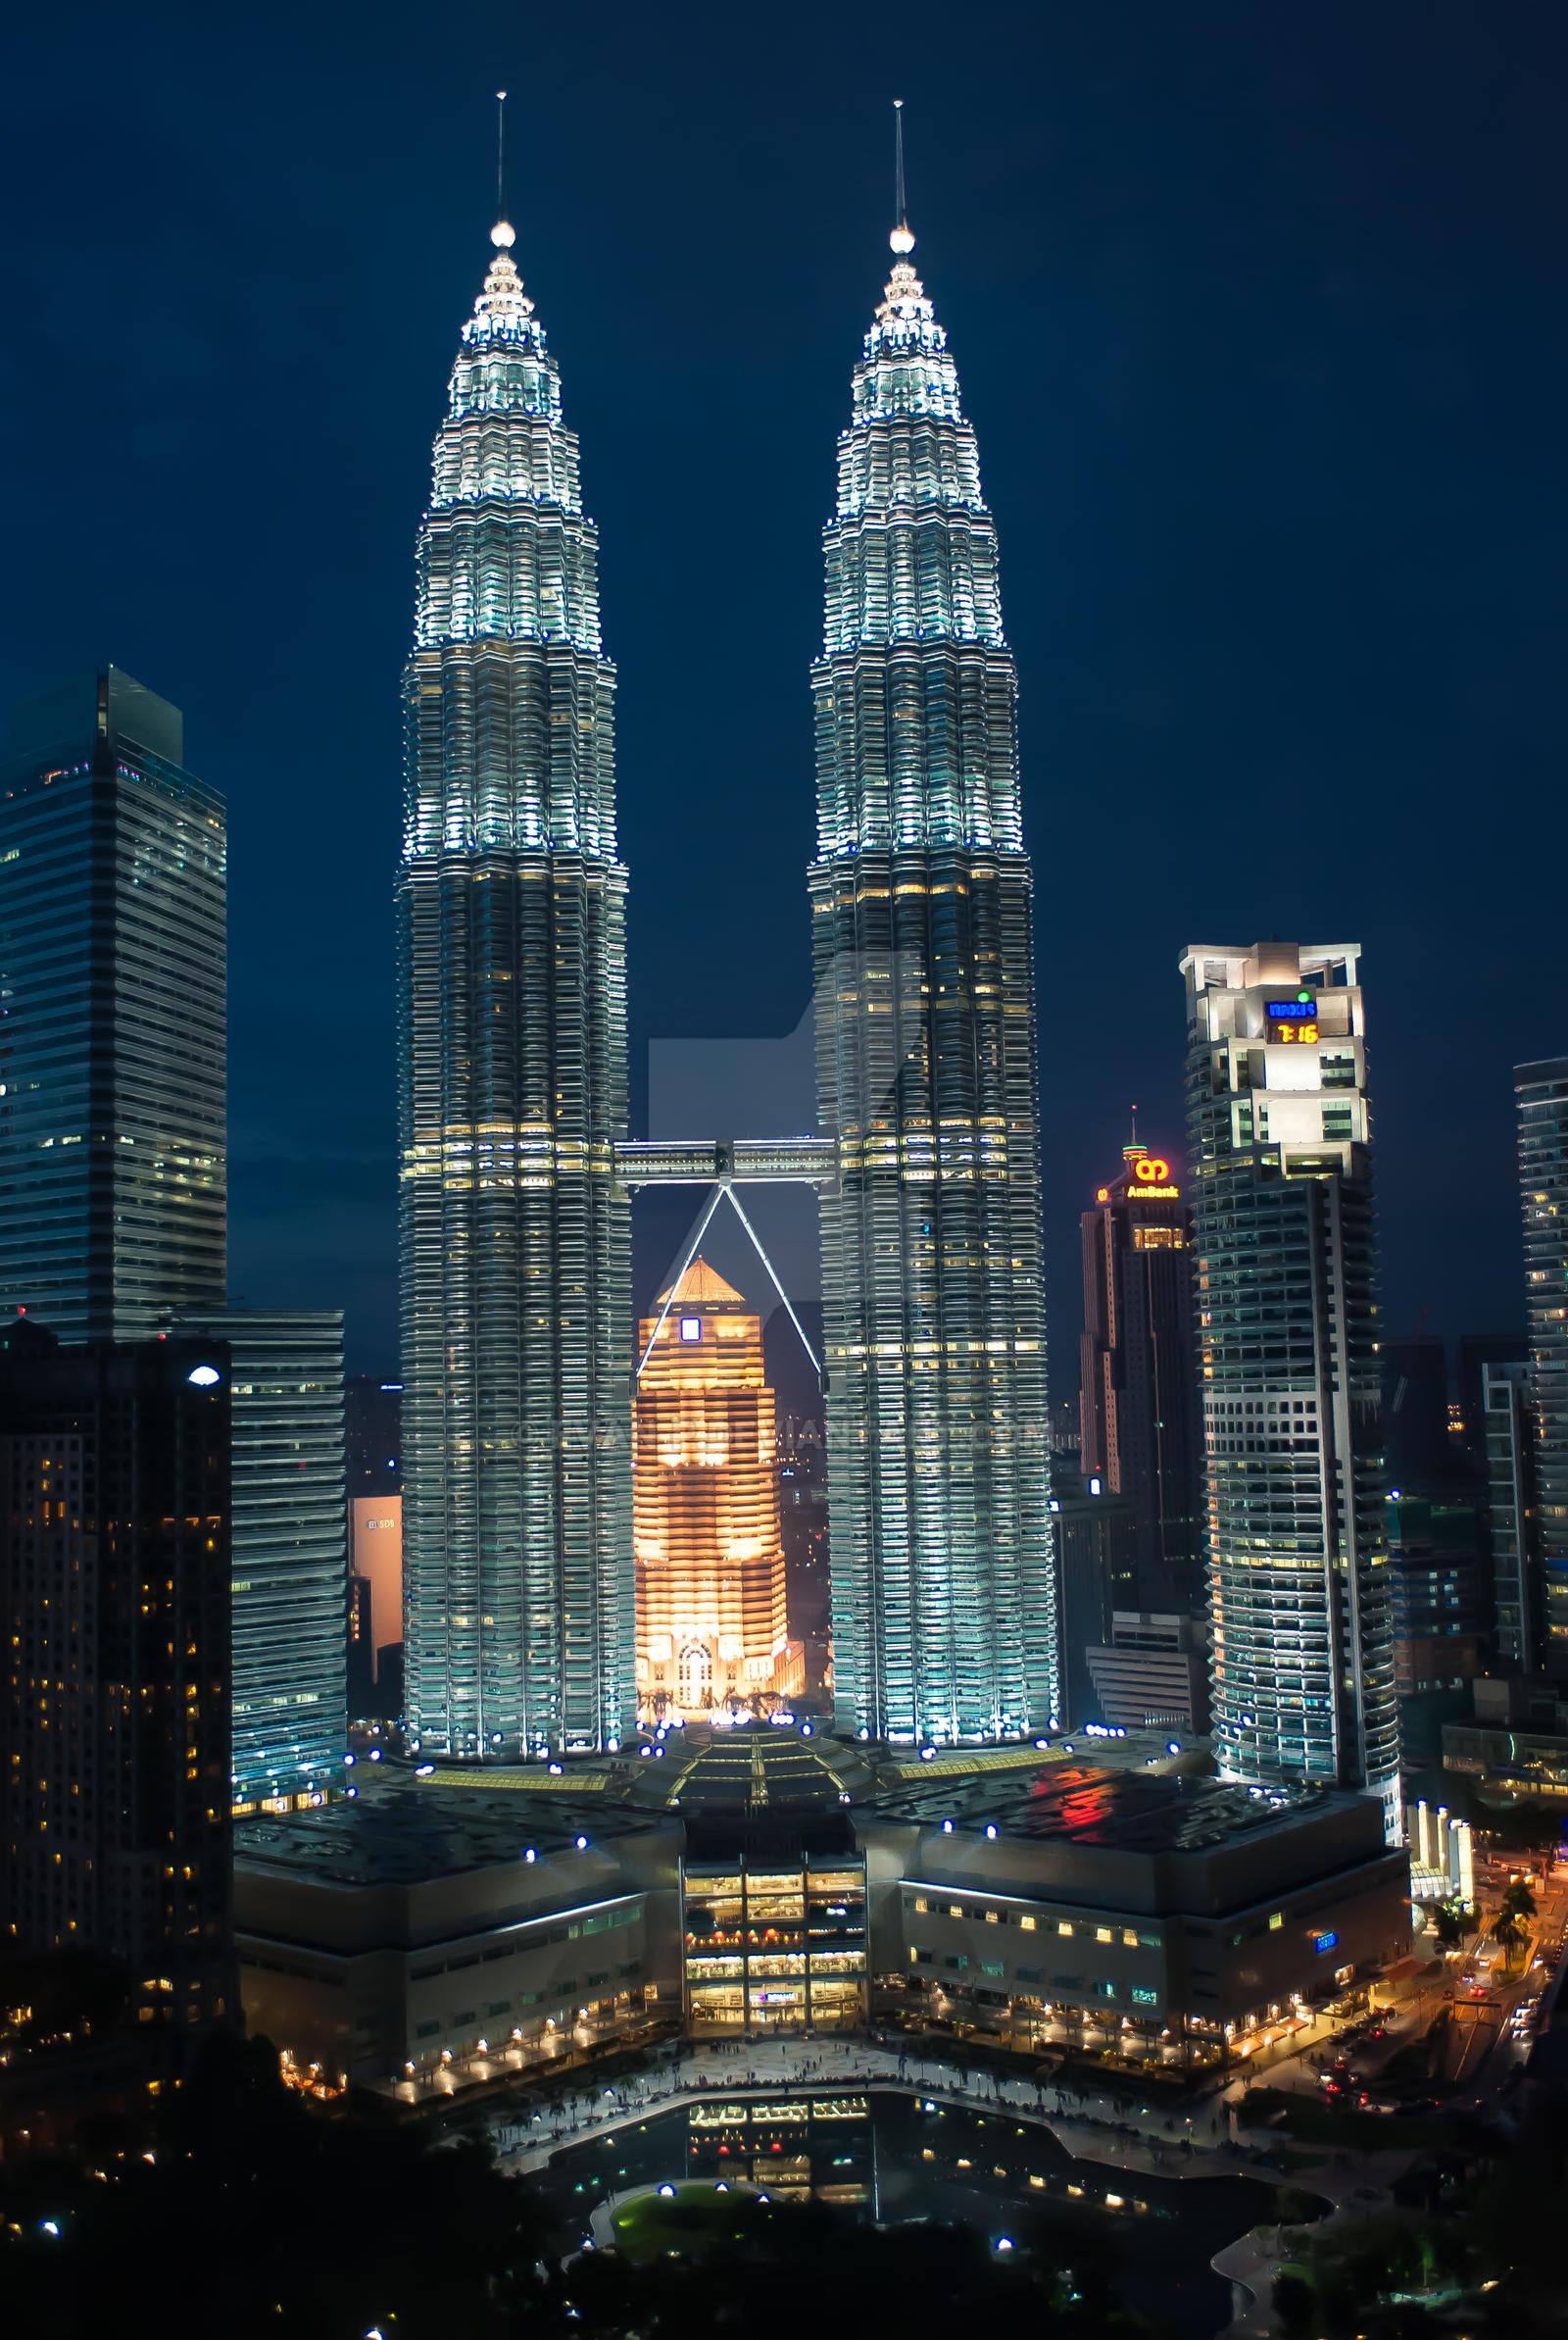 Petronas Tower, Kuala Lumpur by evan-p